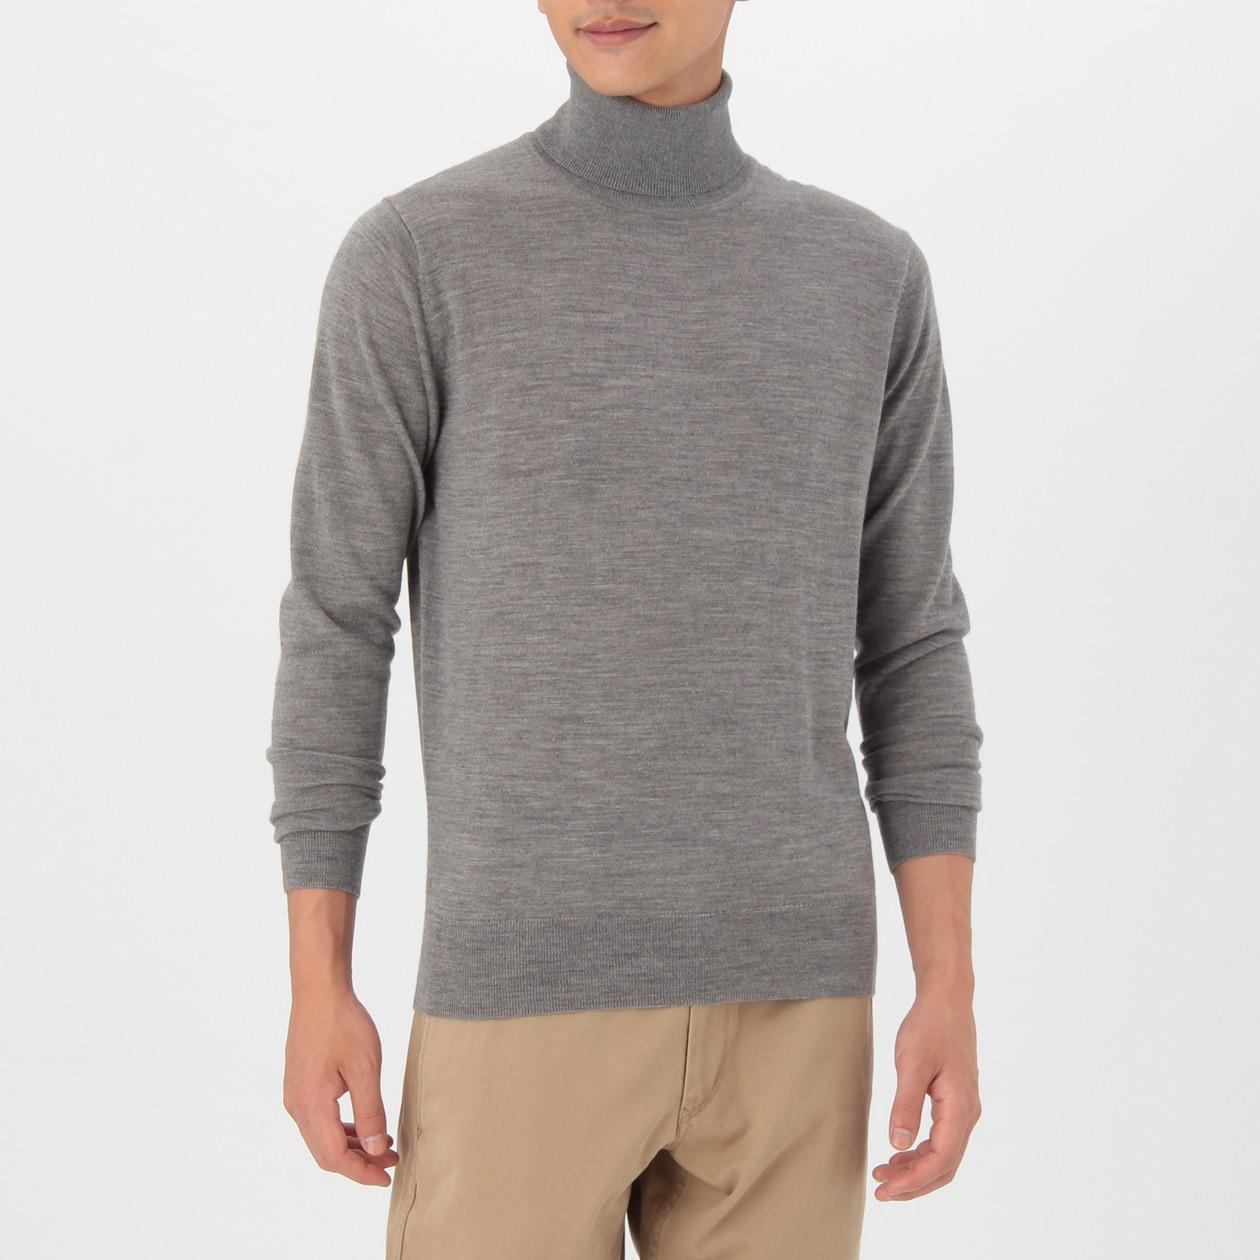 男不易刺癢羊毛天竺高領毛衣 灰色L | 無印良品